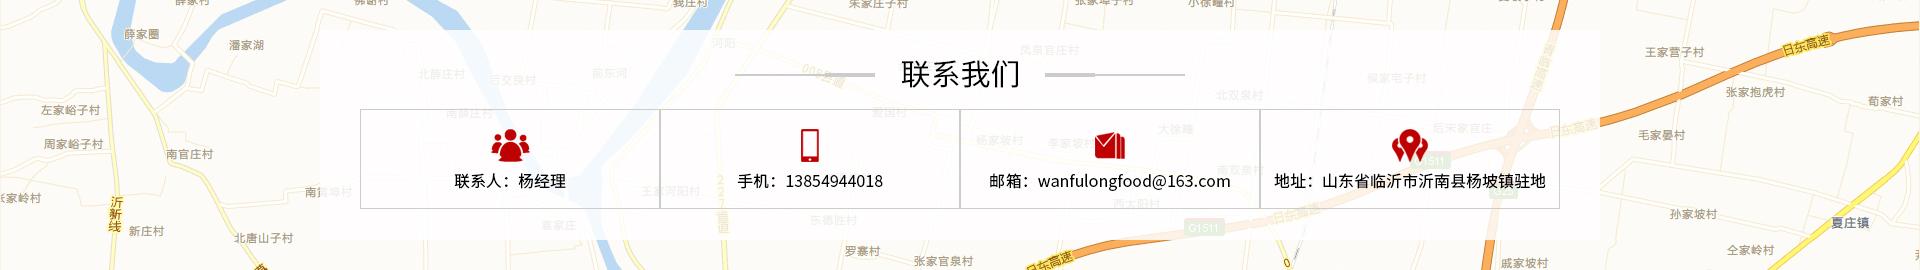 临沂市万福龙食品有限公司是一家专业生产必威网址,酱卤肉,腊肉腊肠等肉制品的厂家,产品种类多样,质量保证,联系热线:13854944018.